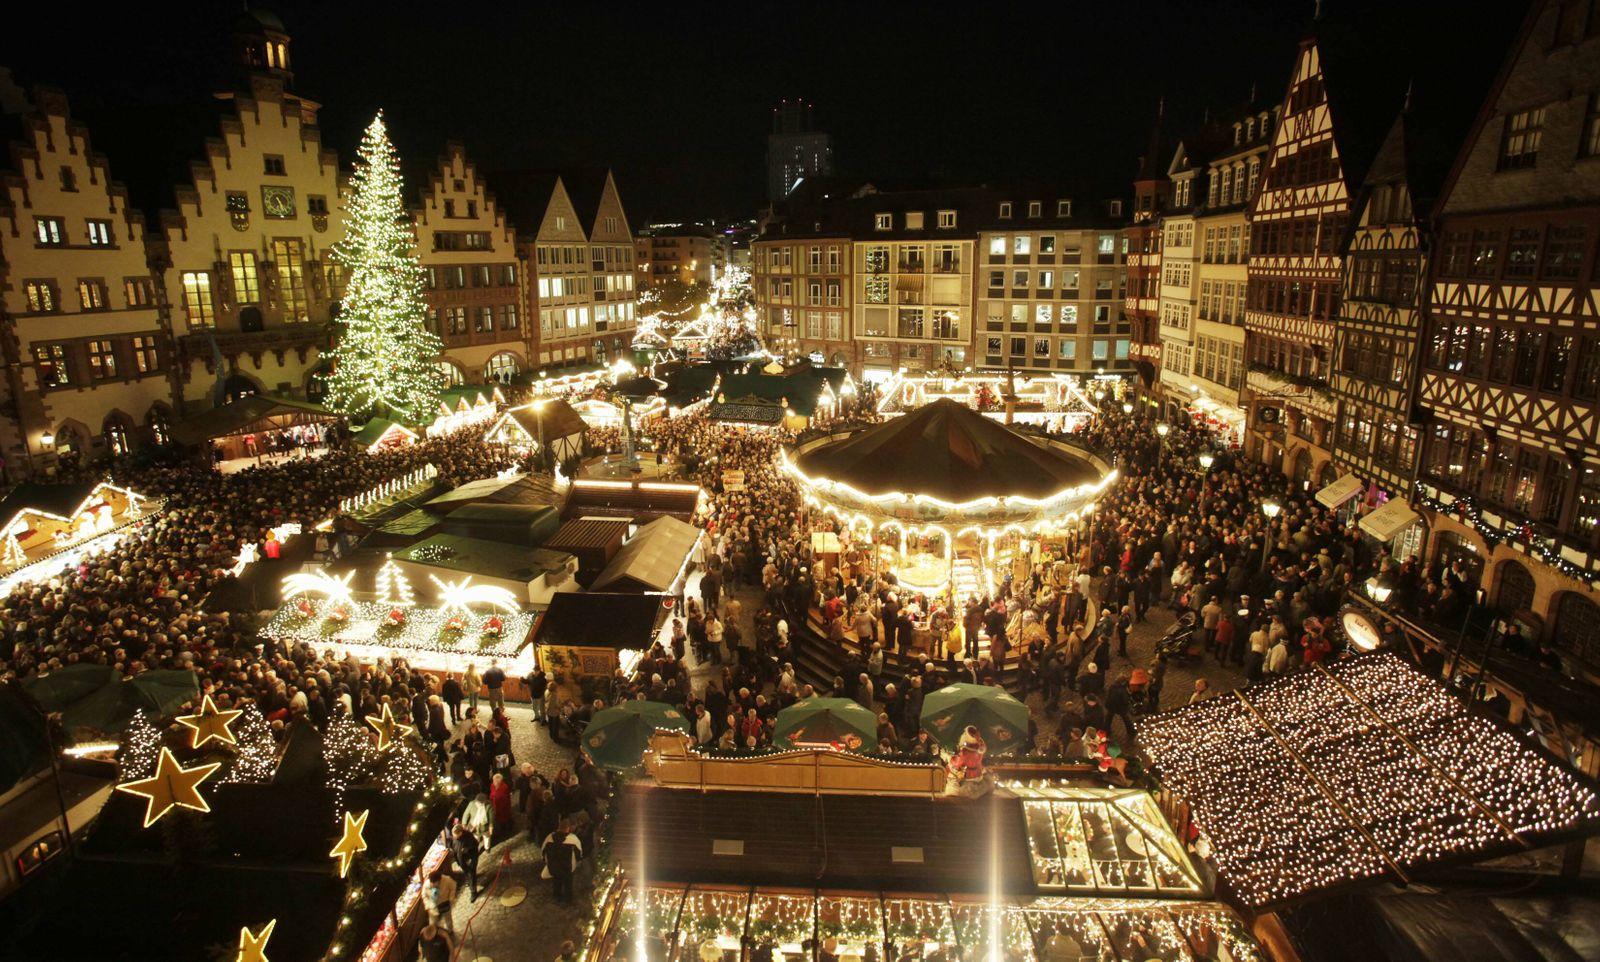 NICHT VERWENDEN Weihnachtsbeleuchtung trotz Krise